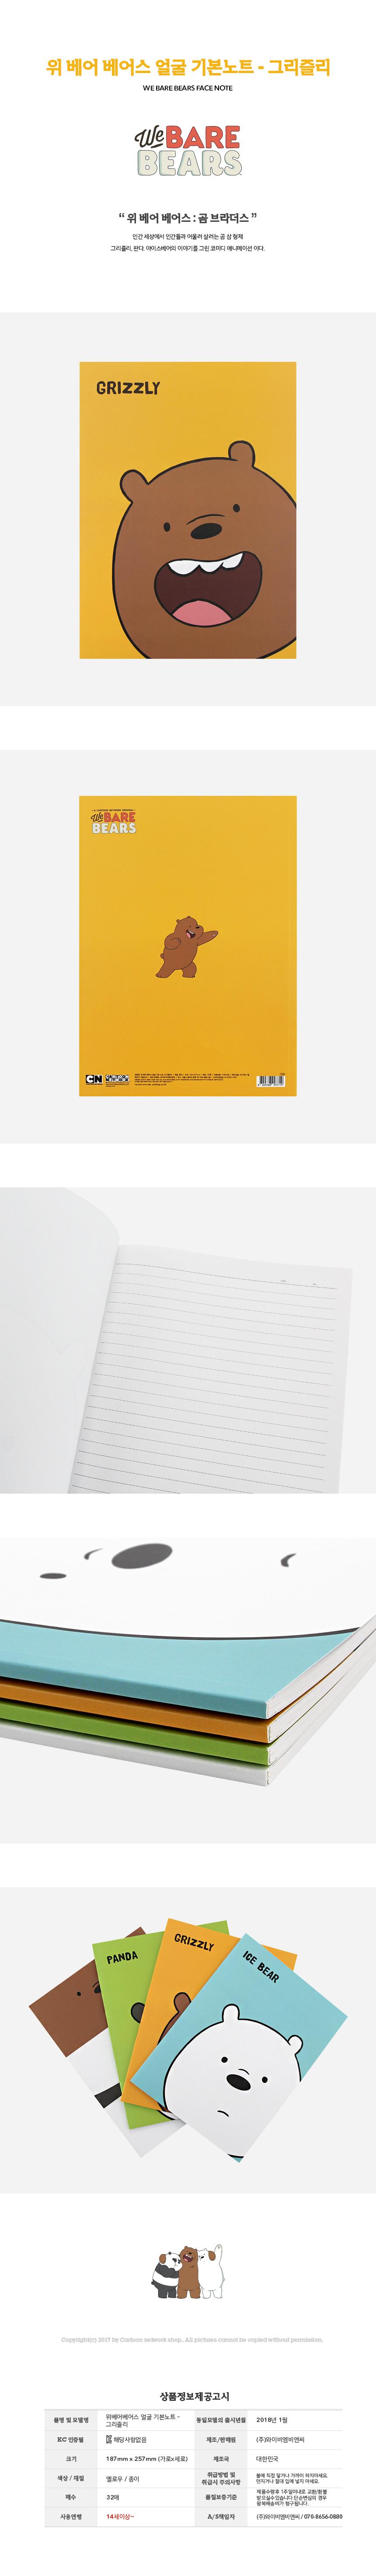 위 베어 베어스 그리즐리 기본노트(신) - 카툰네트워크, 1,200원, 베이직노트, 유선노트